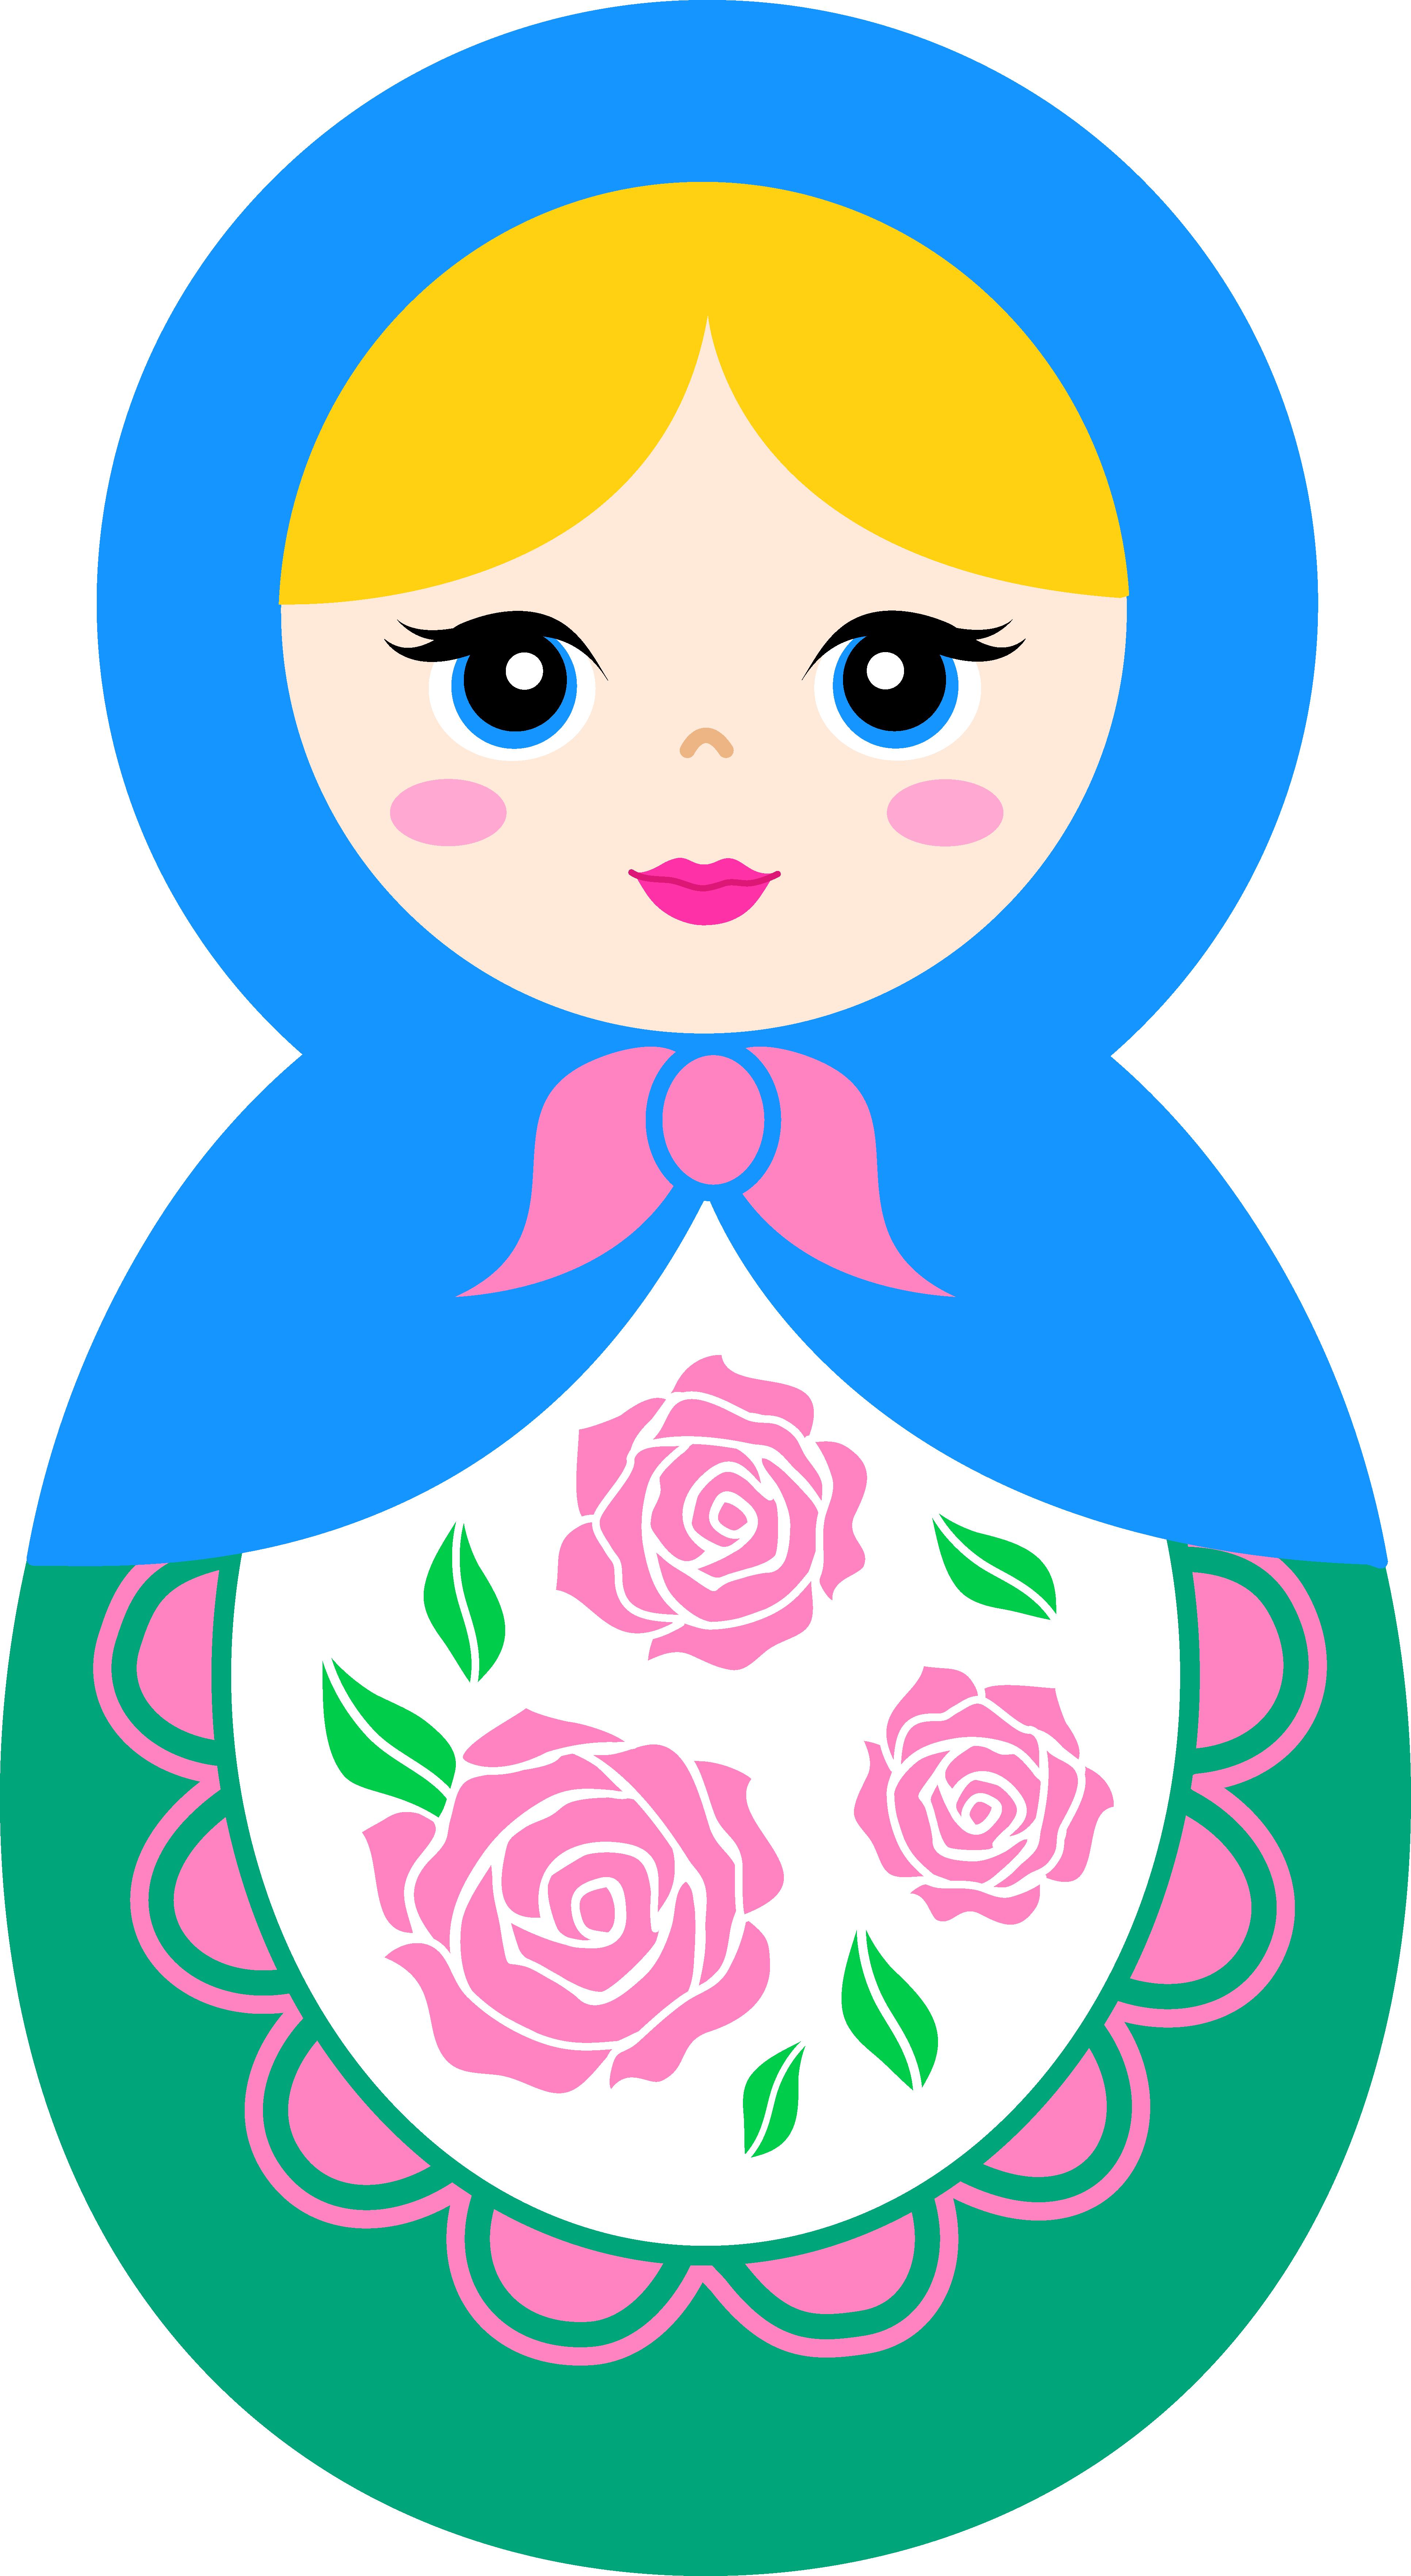 Babushka doll clipart.